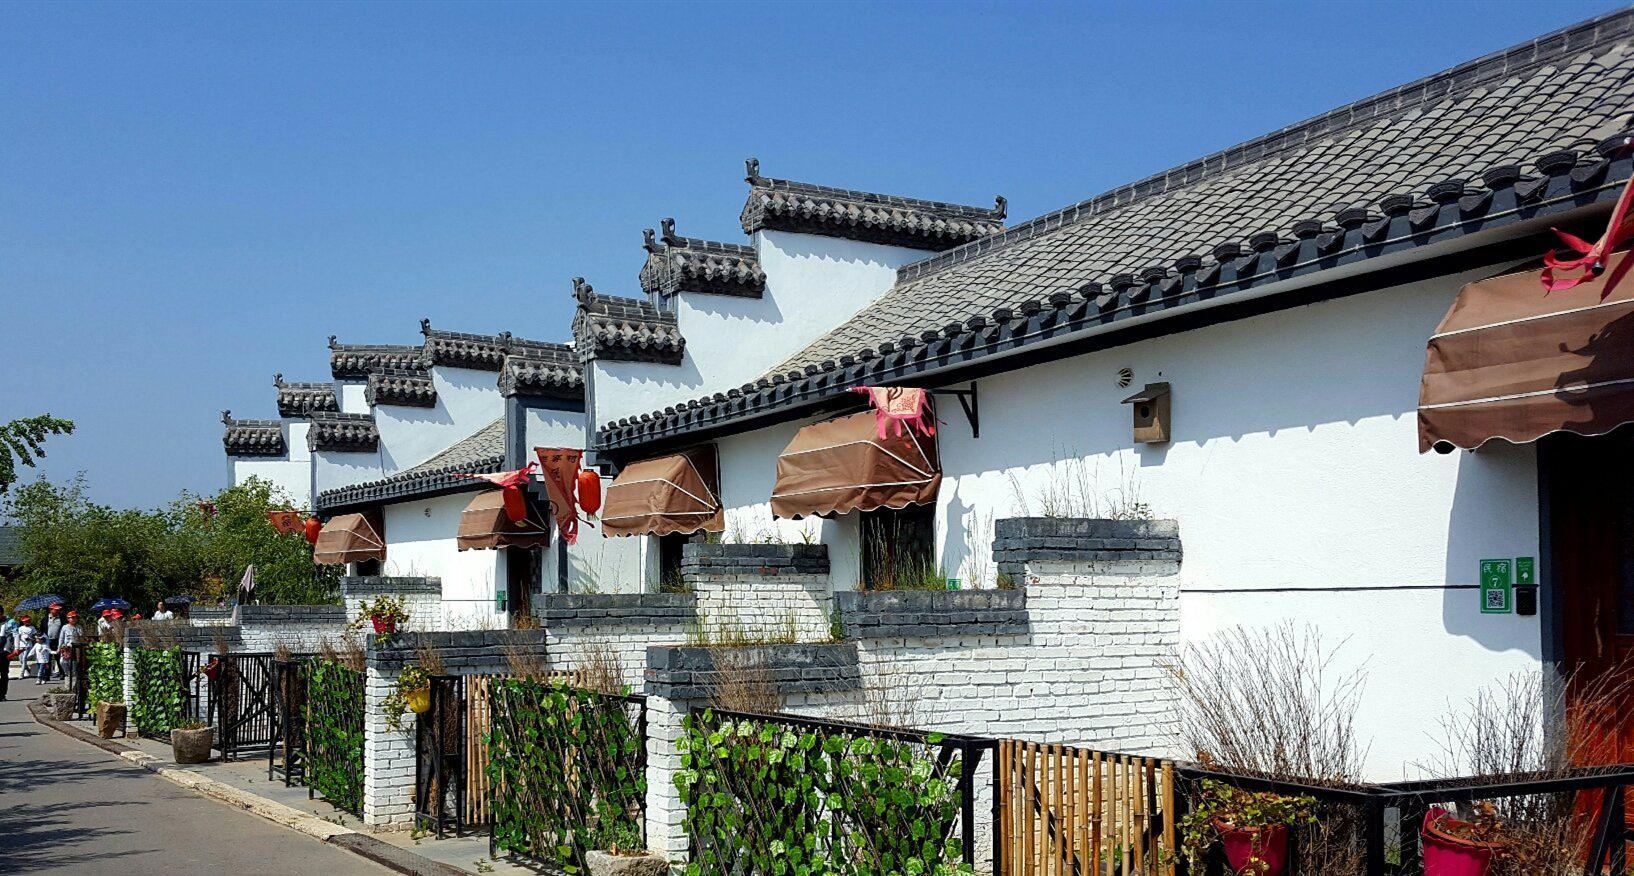 山东这个县城景色优美,知道的人不多,十分适合春节散心旅游!